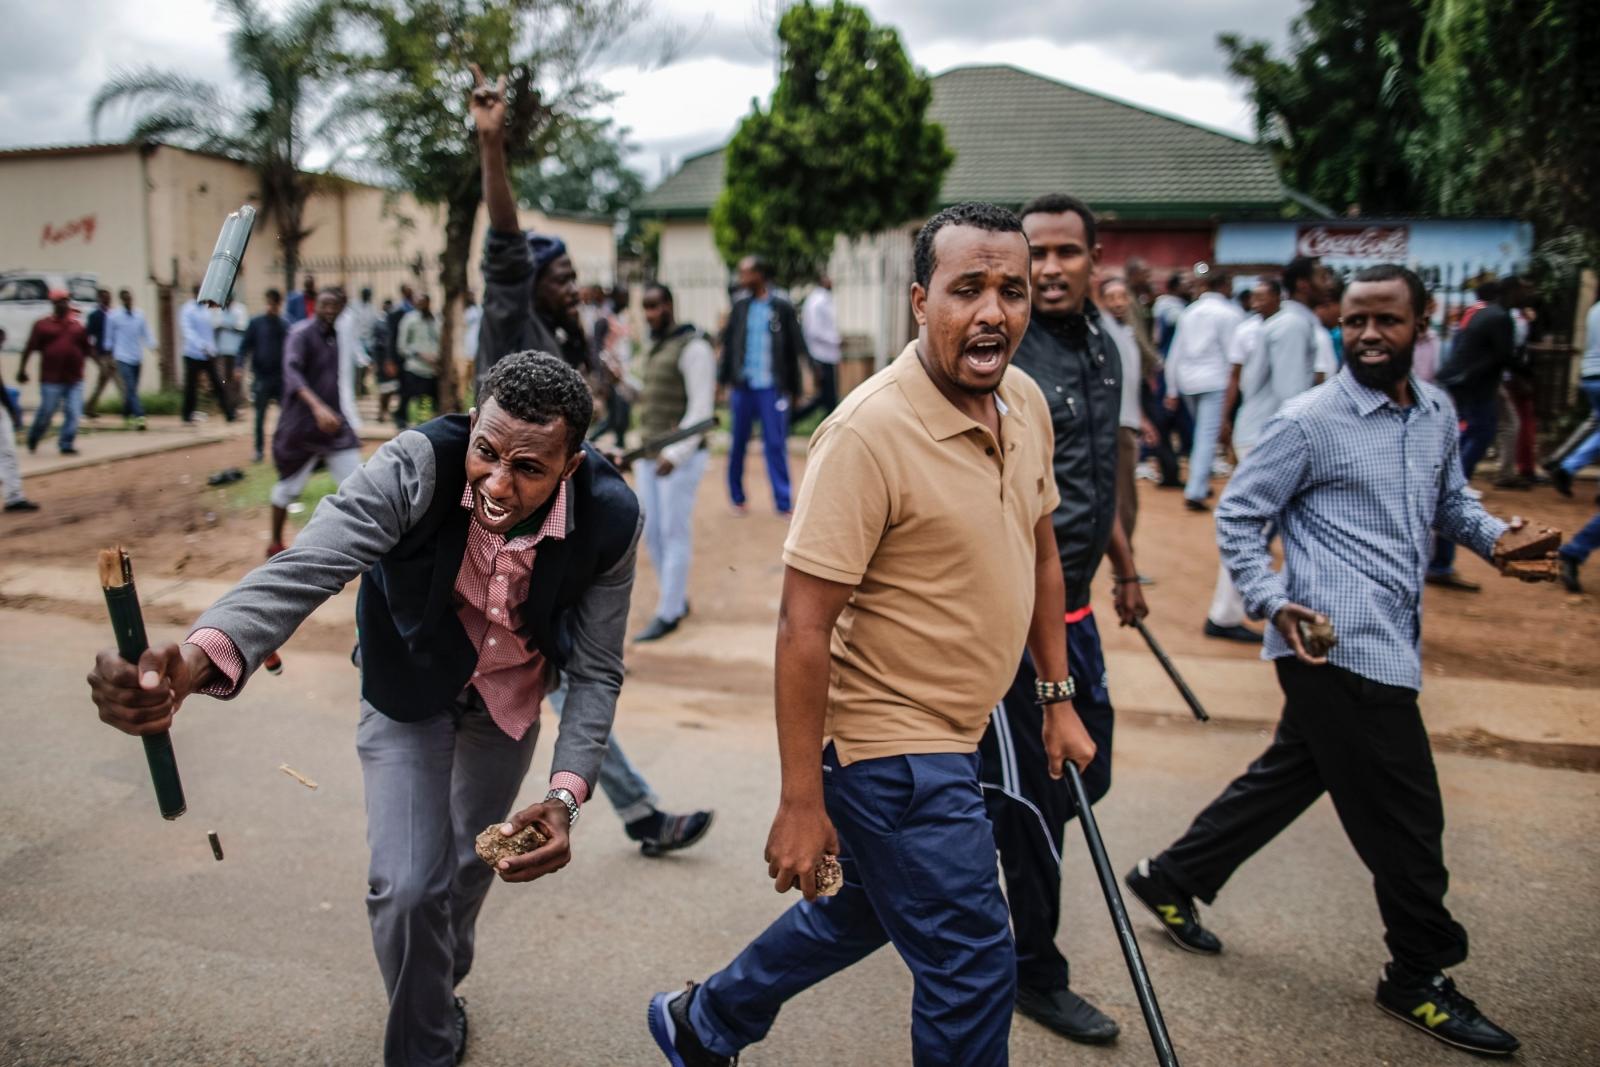 South Africa foreigners xenophobia pretoria